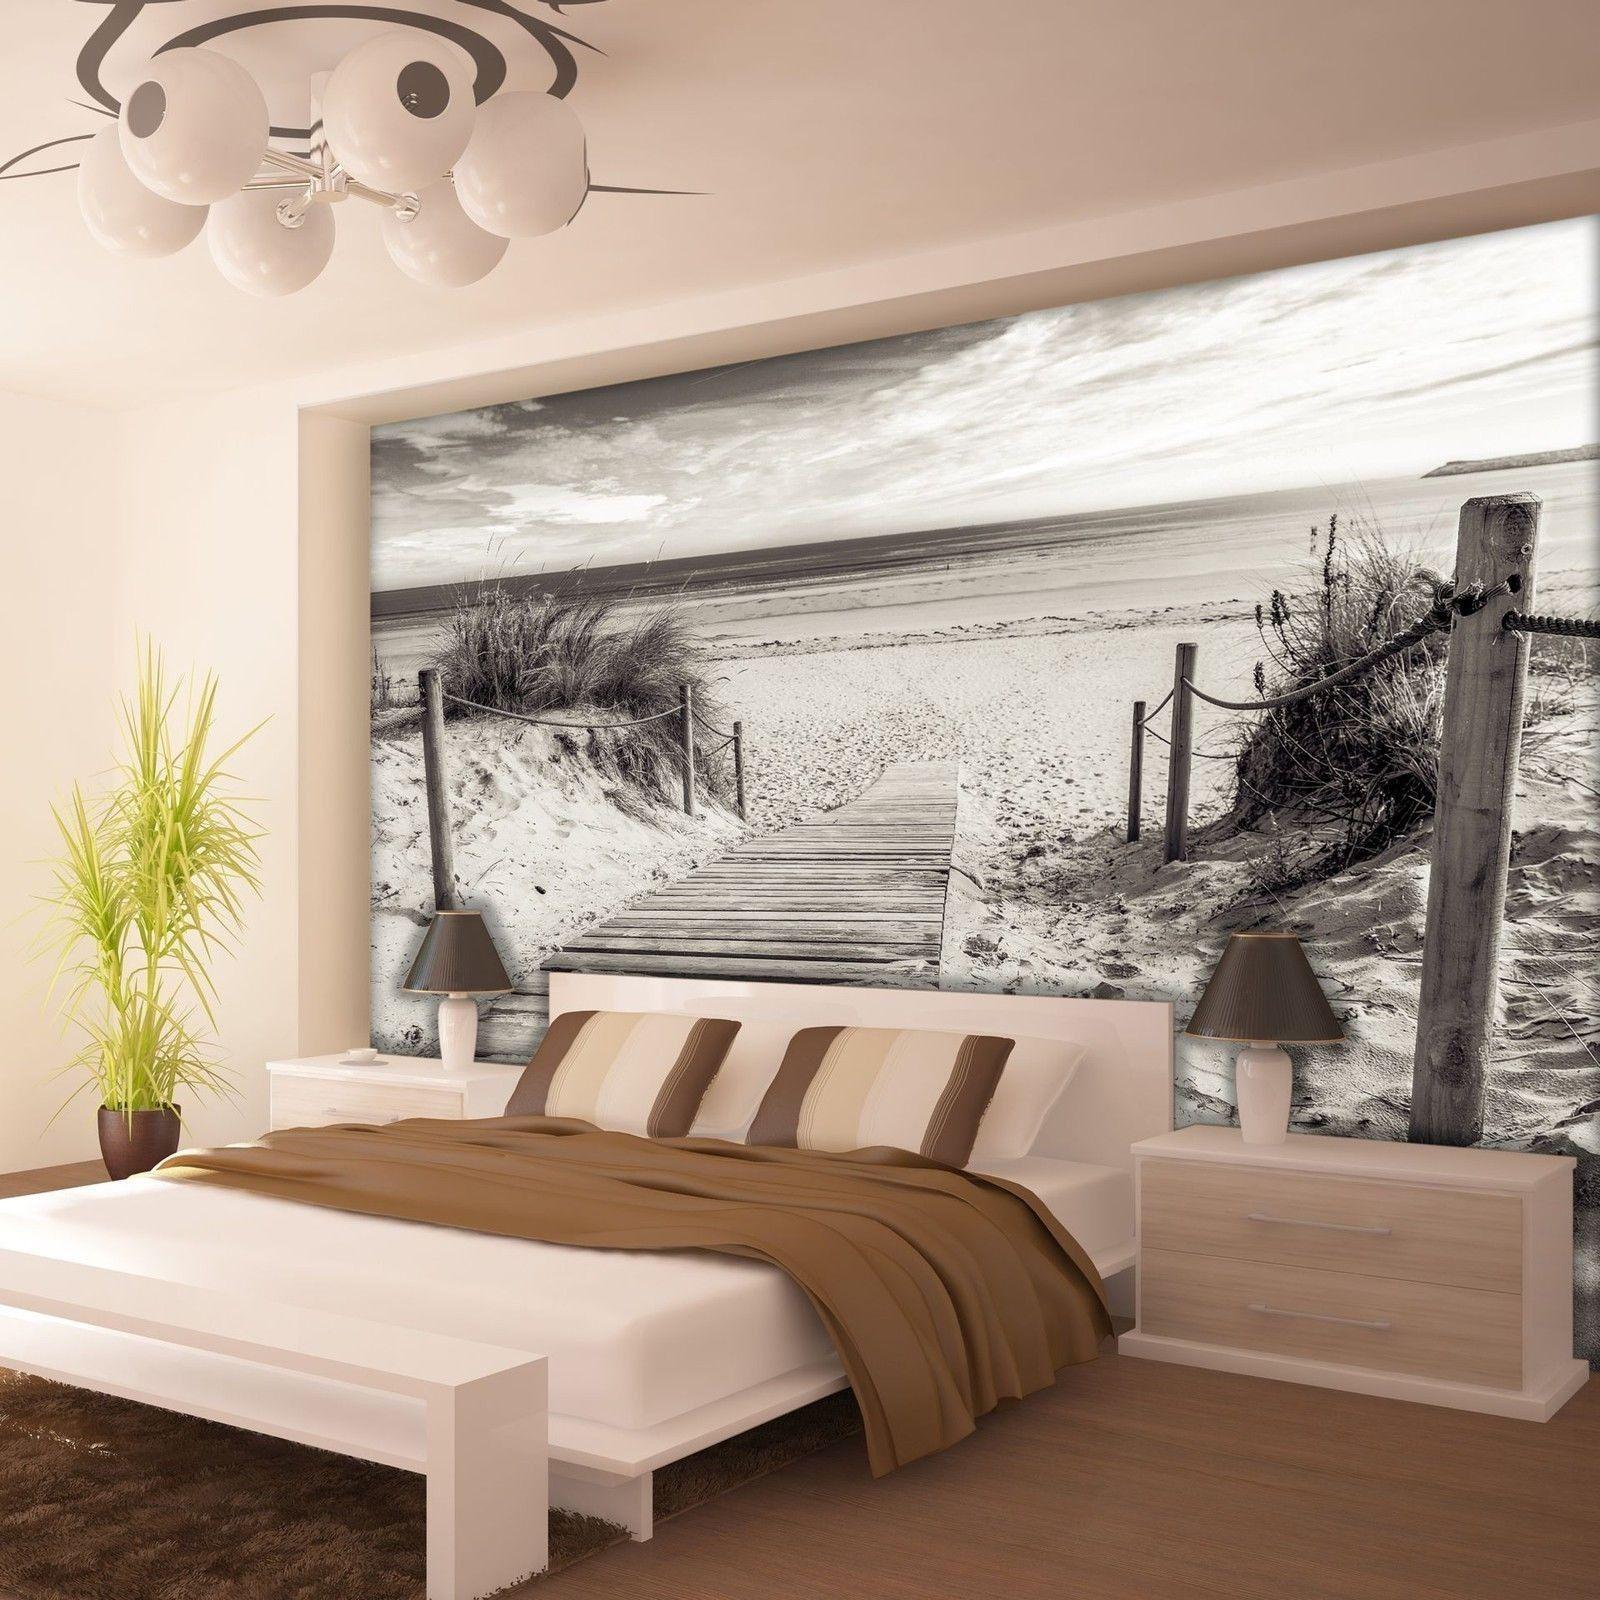 Fototapete Schlafzimmer Dachschräge   dachschrage Fototapete Schlafzimmer in 2020 ...